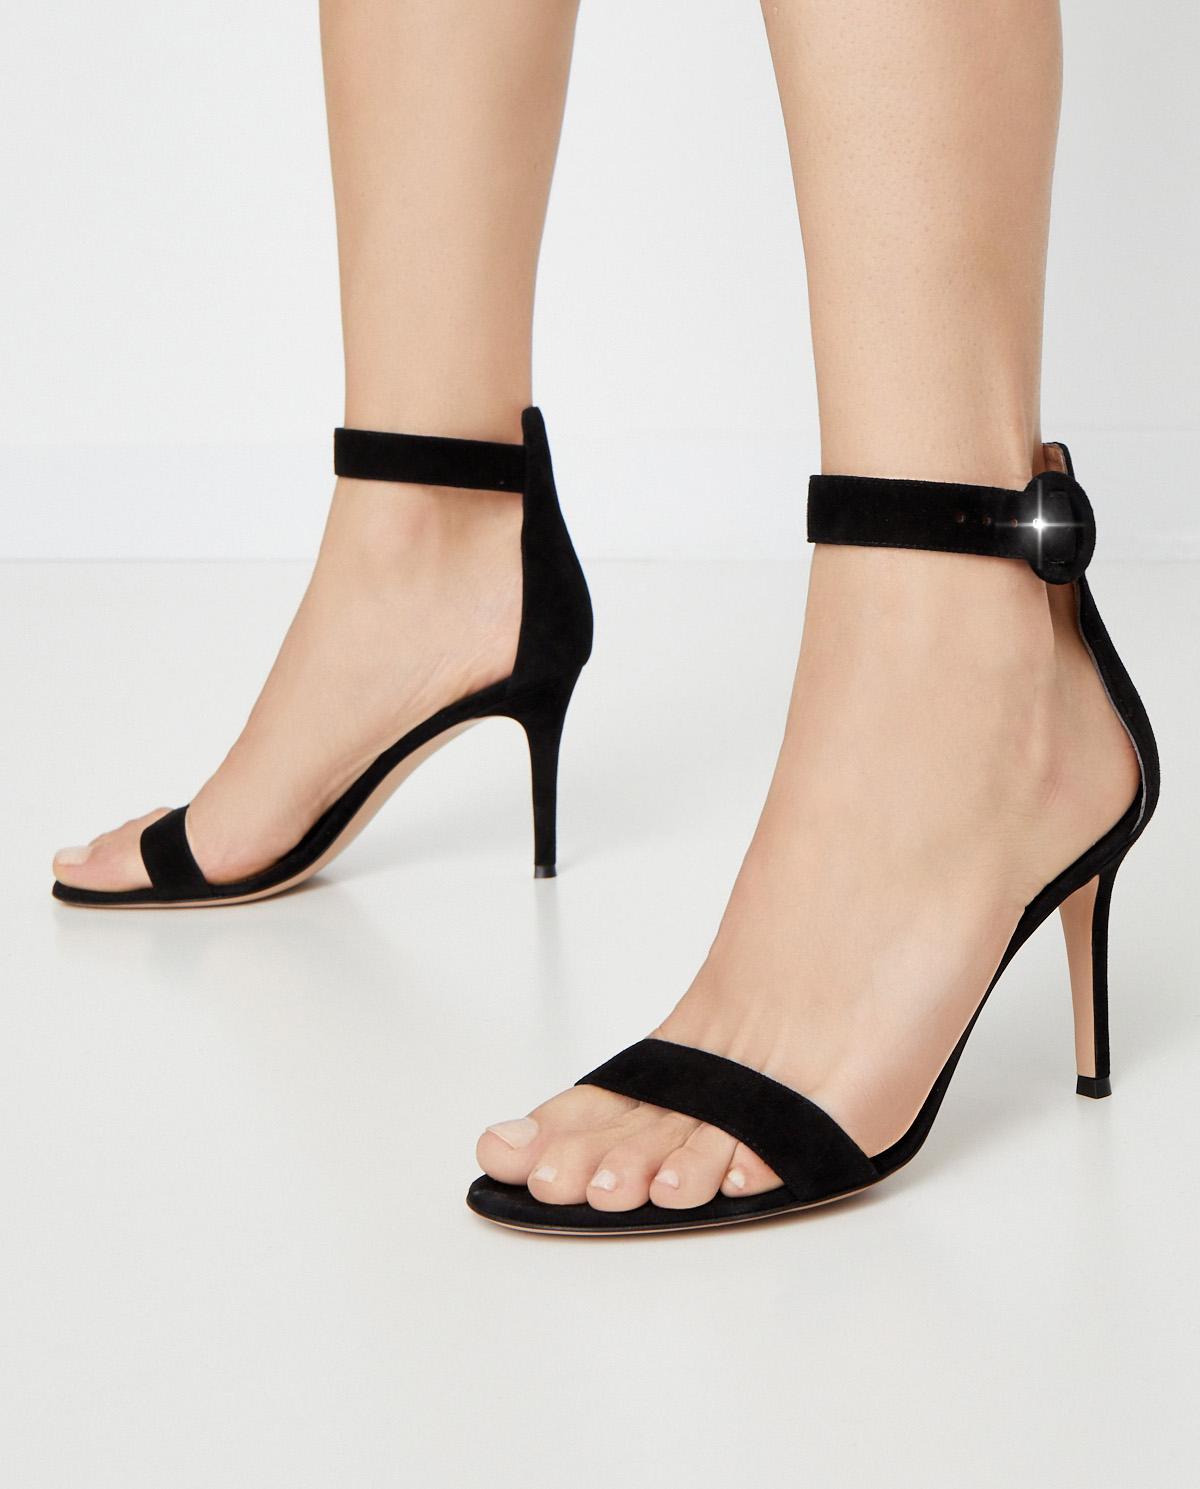 Czarne sandały Portofino Gianvito Rossi G60953.85RIC.CAMNERO